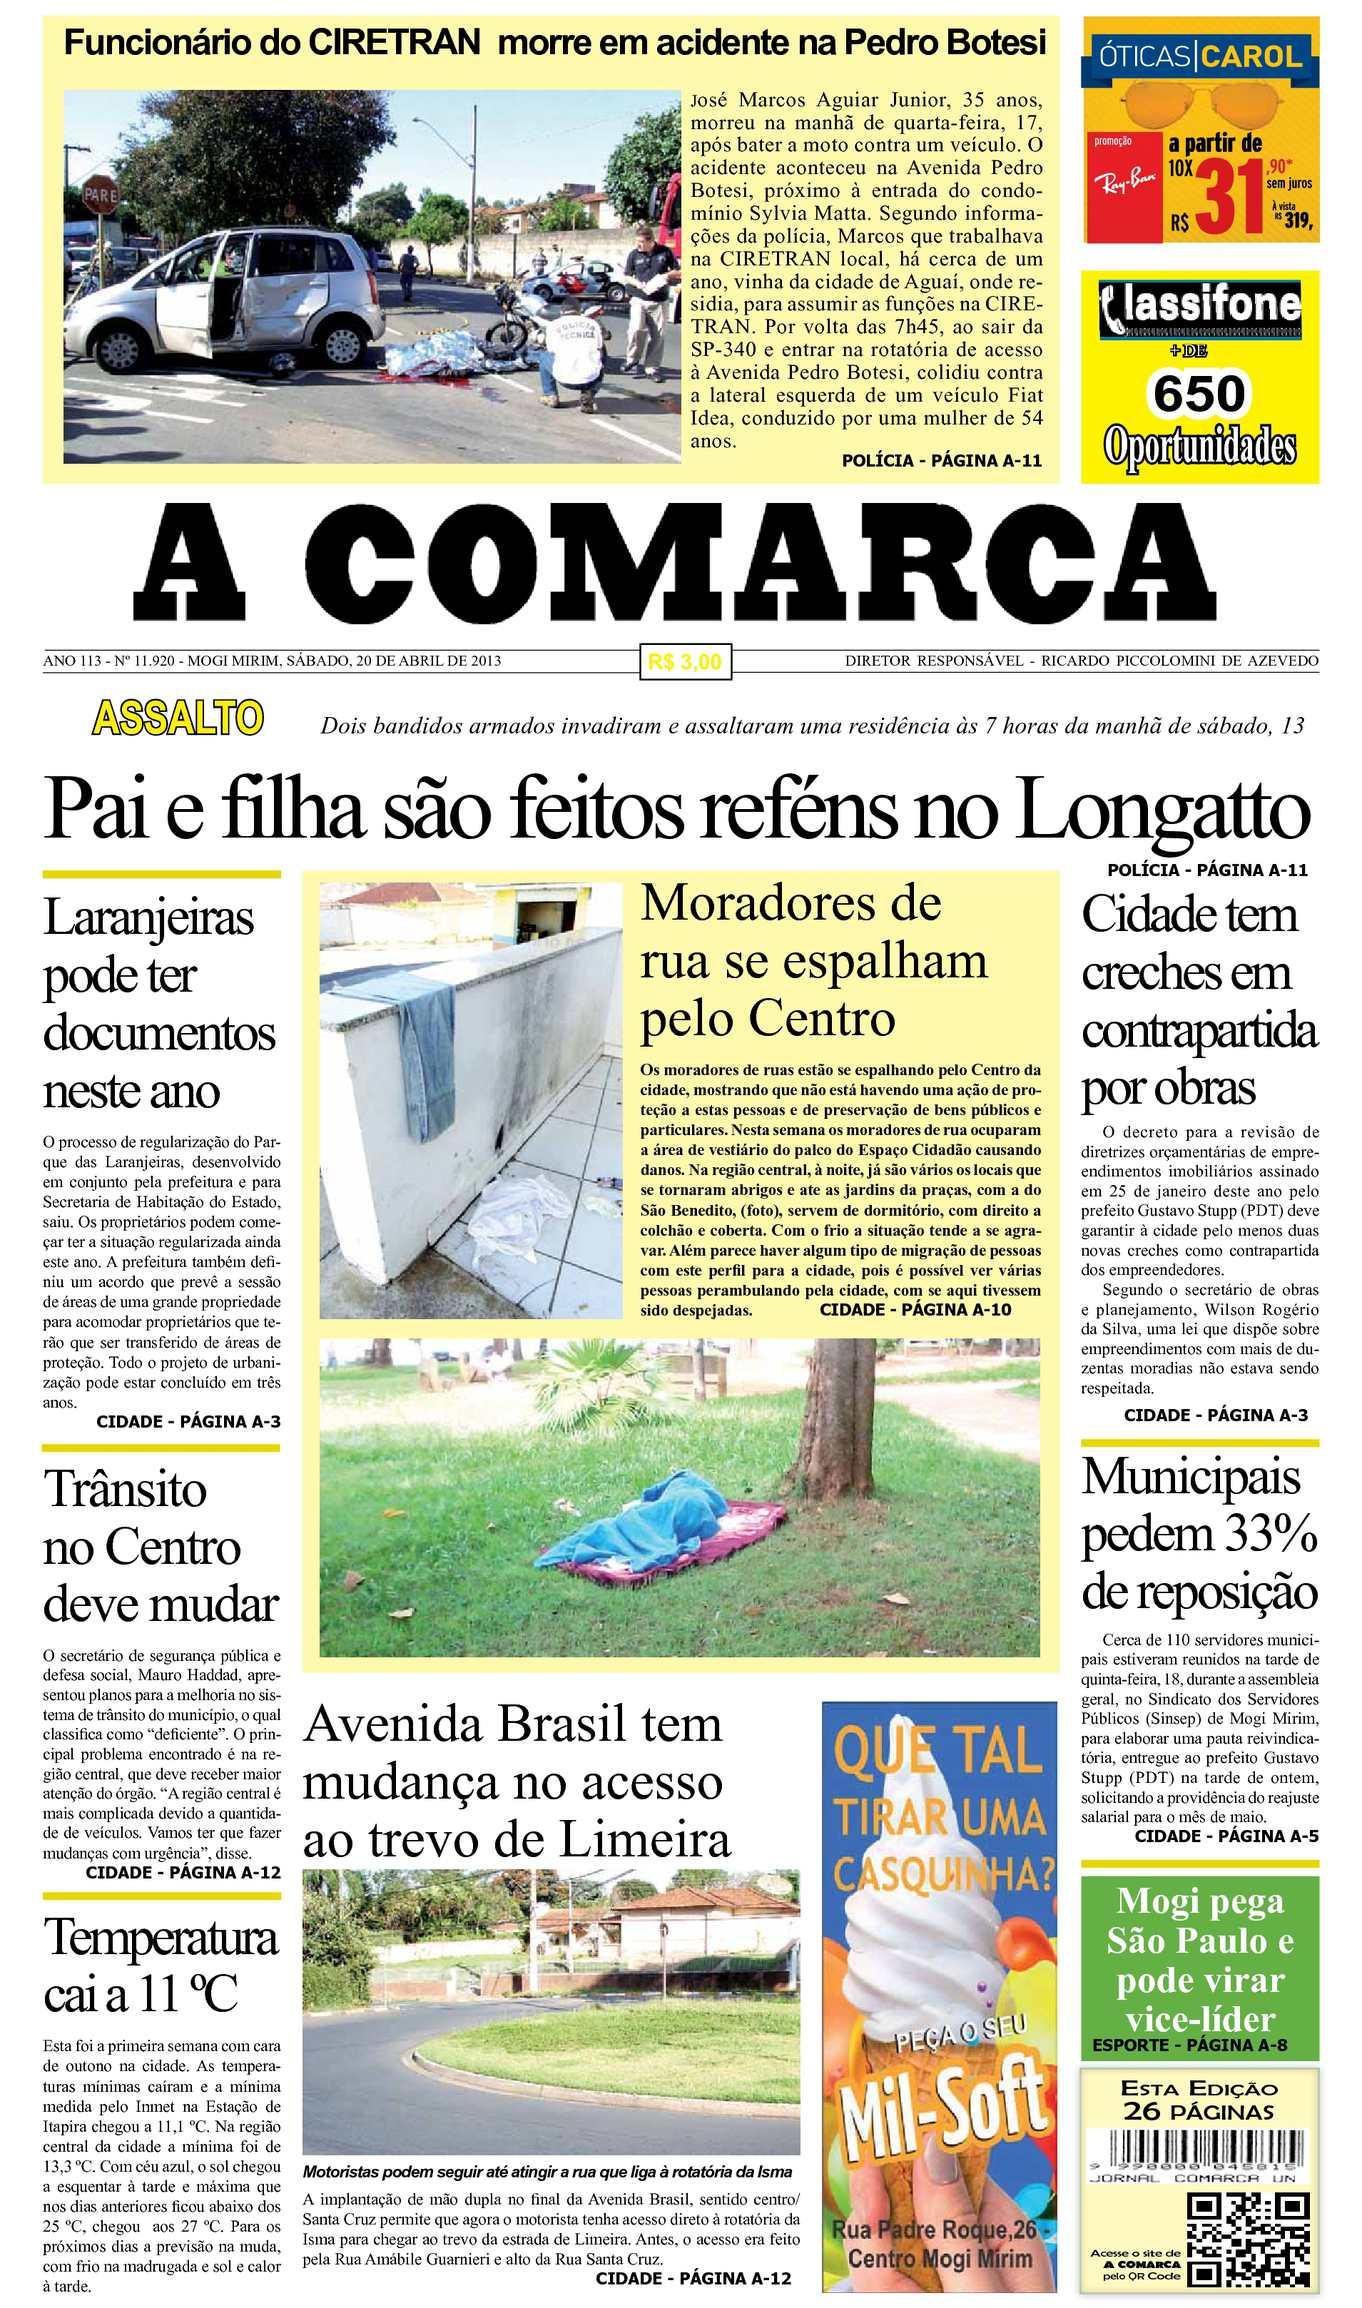 9c7721cb97cbc Calaméo - A Comarca